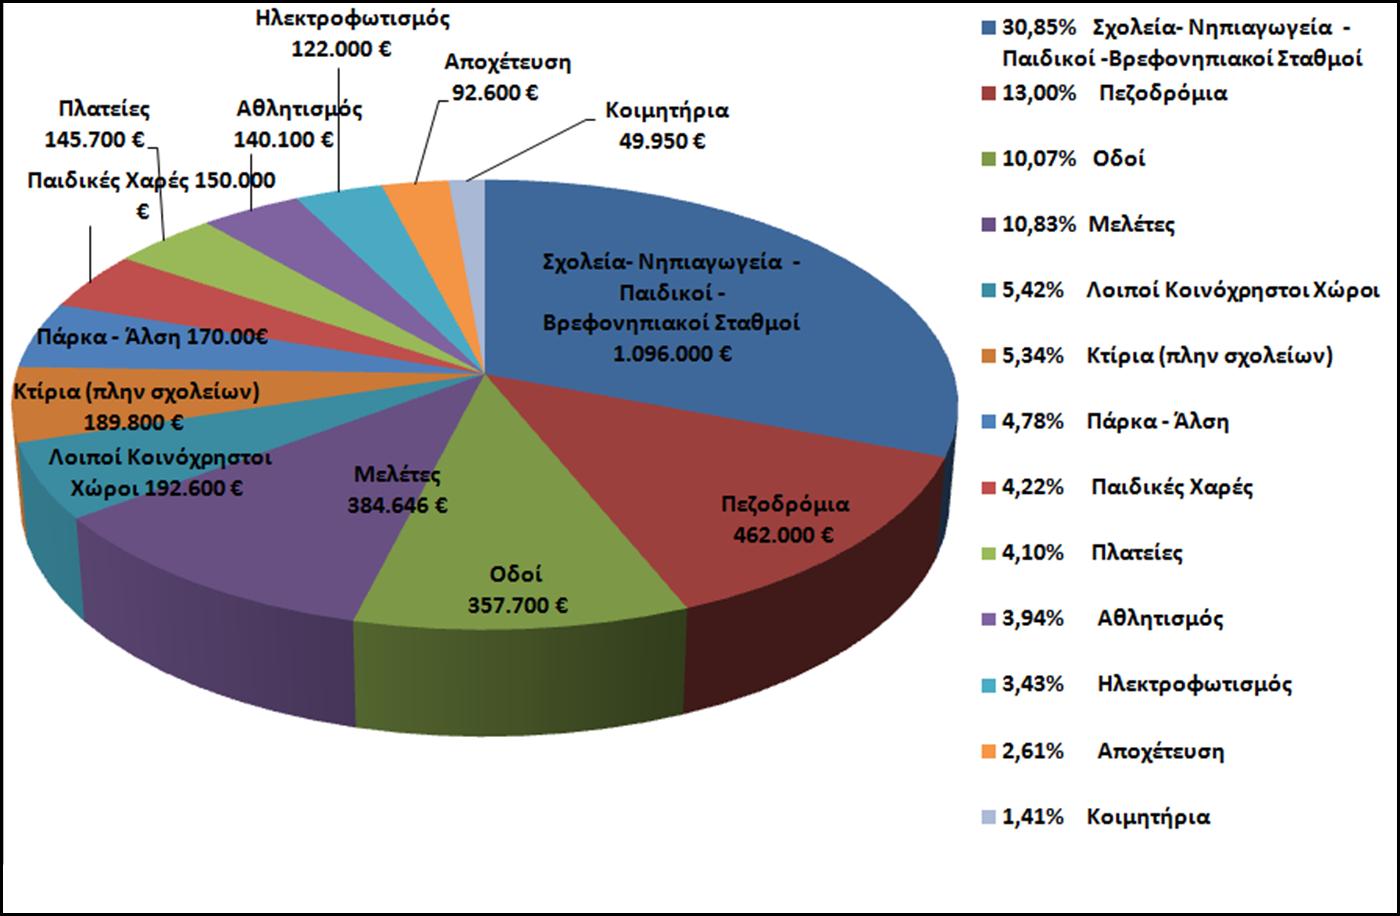 Τεχνικό Πρόγραμμα Δήμου Παπάγου Χολαργού 2016 αξίας 3,5 εκατ. ευρώ